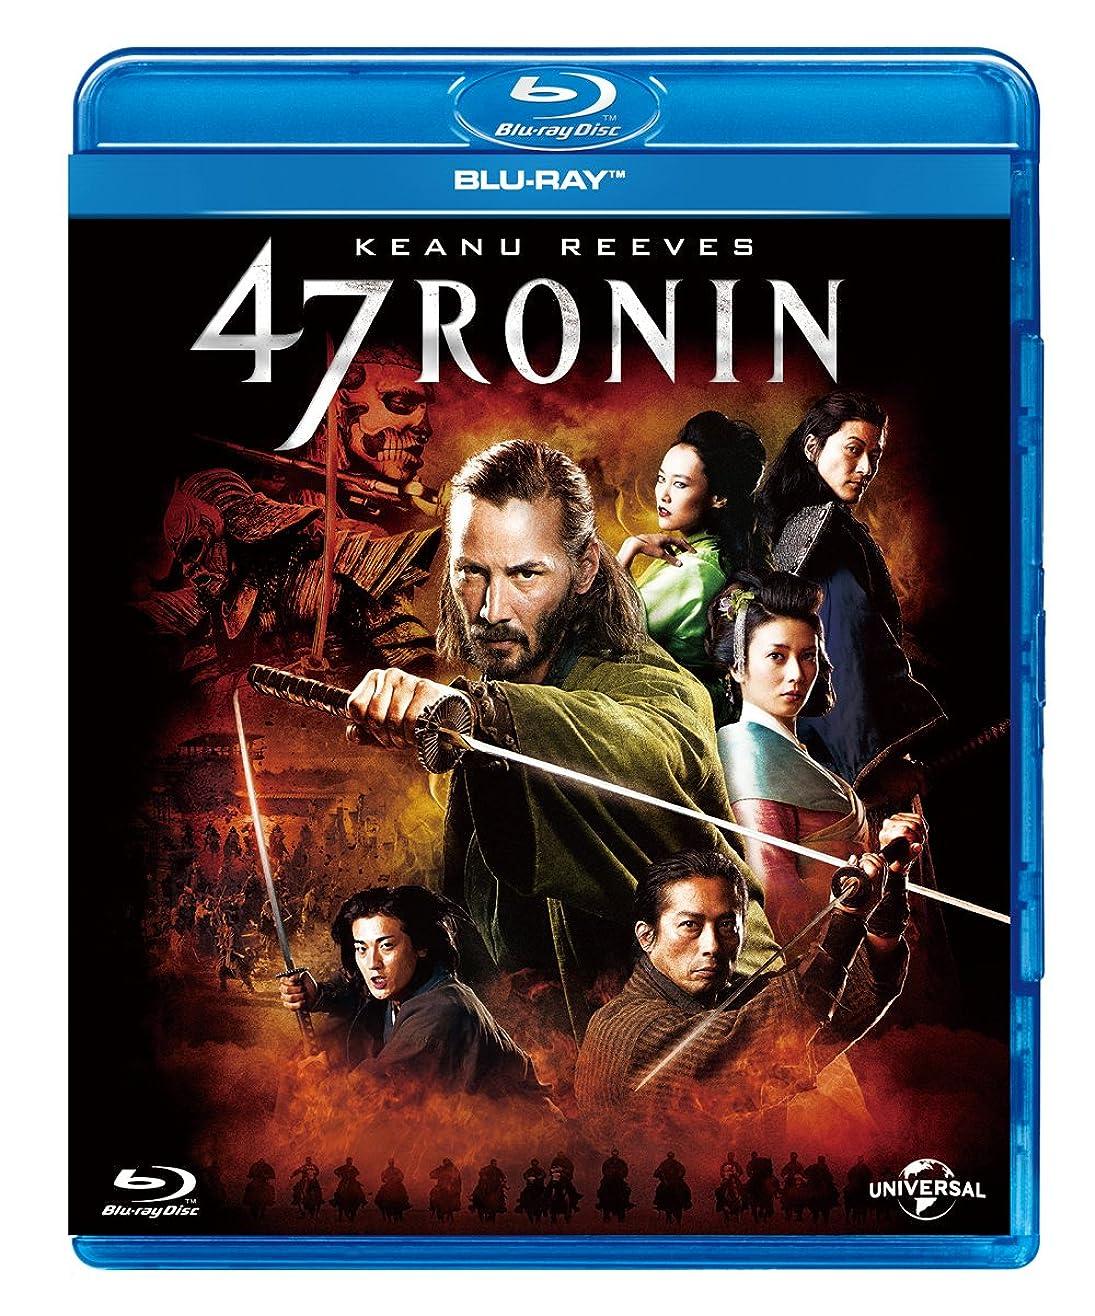 降ろす受け入れインテリア47RONIN [Blu-ray]